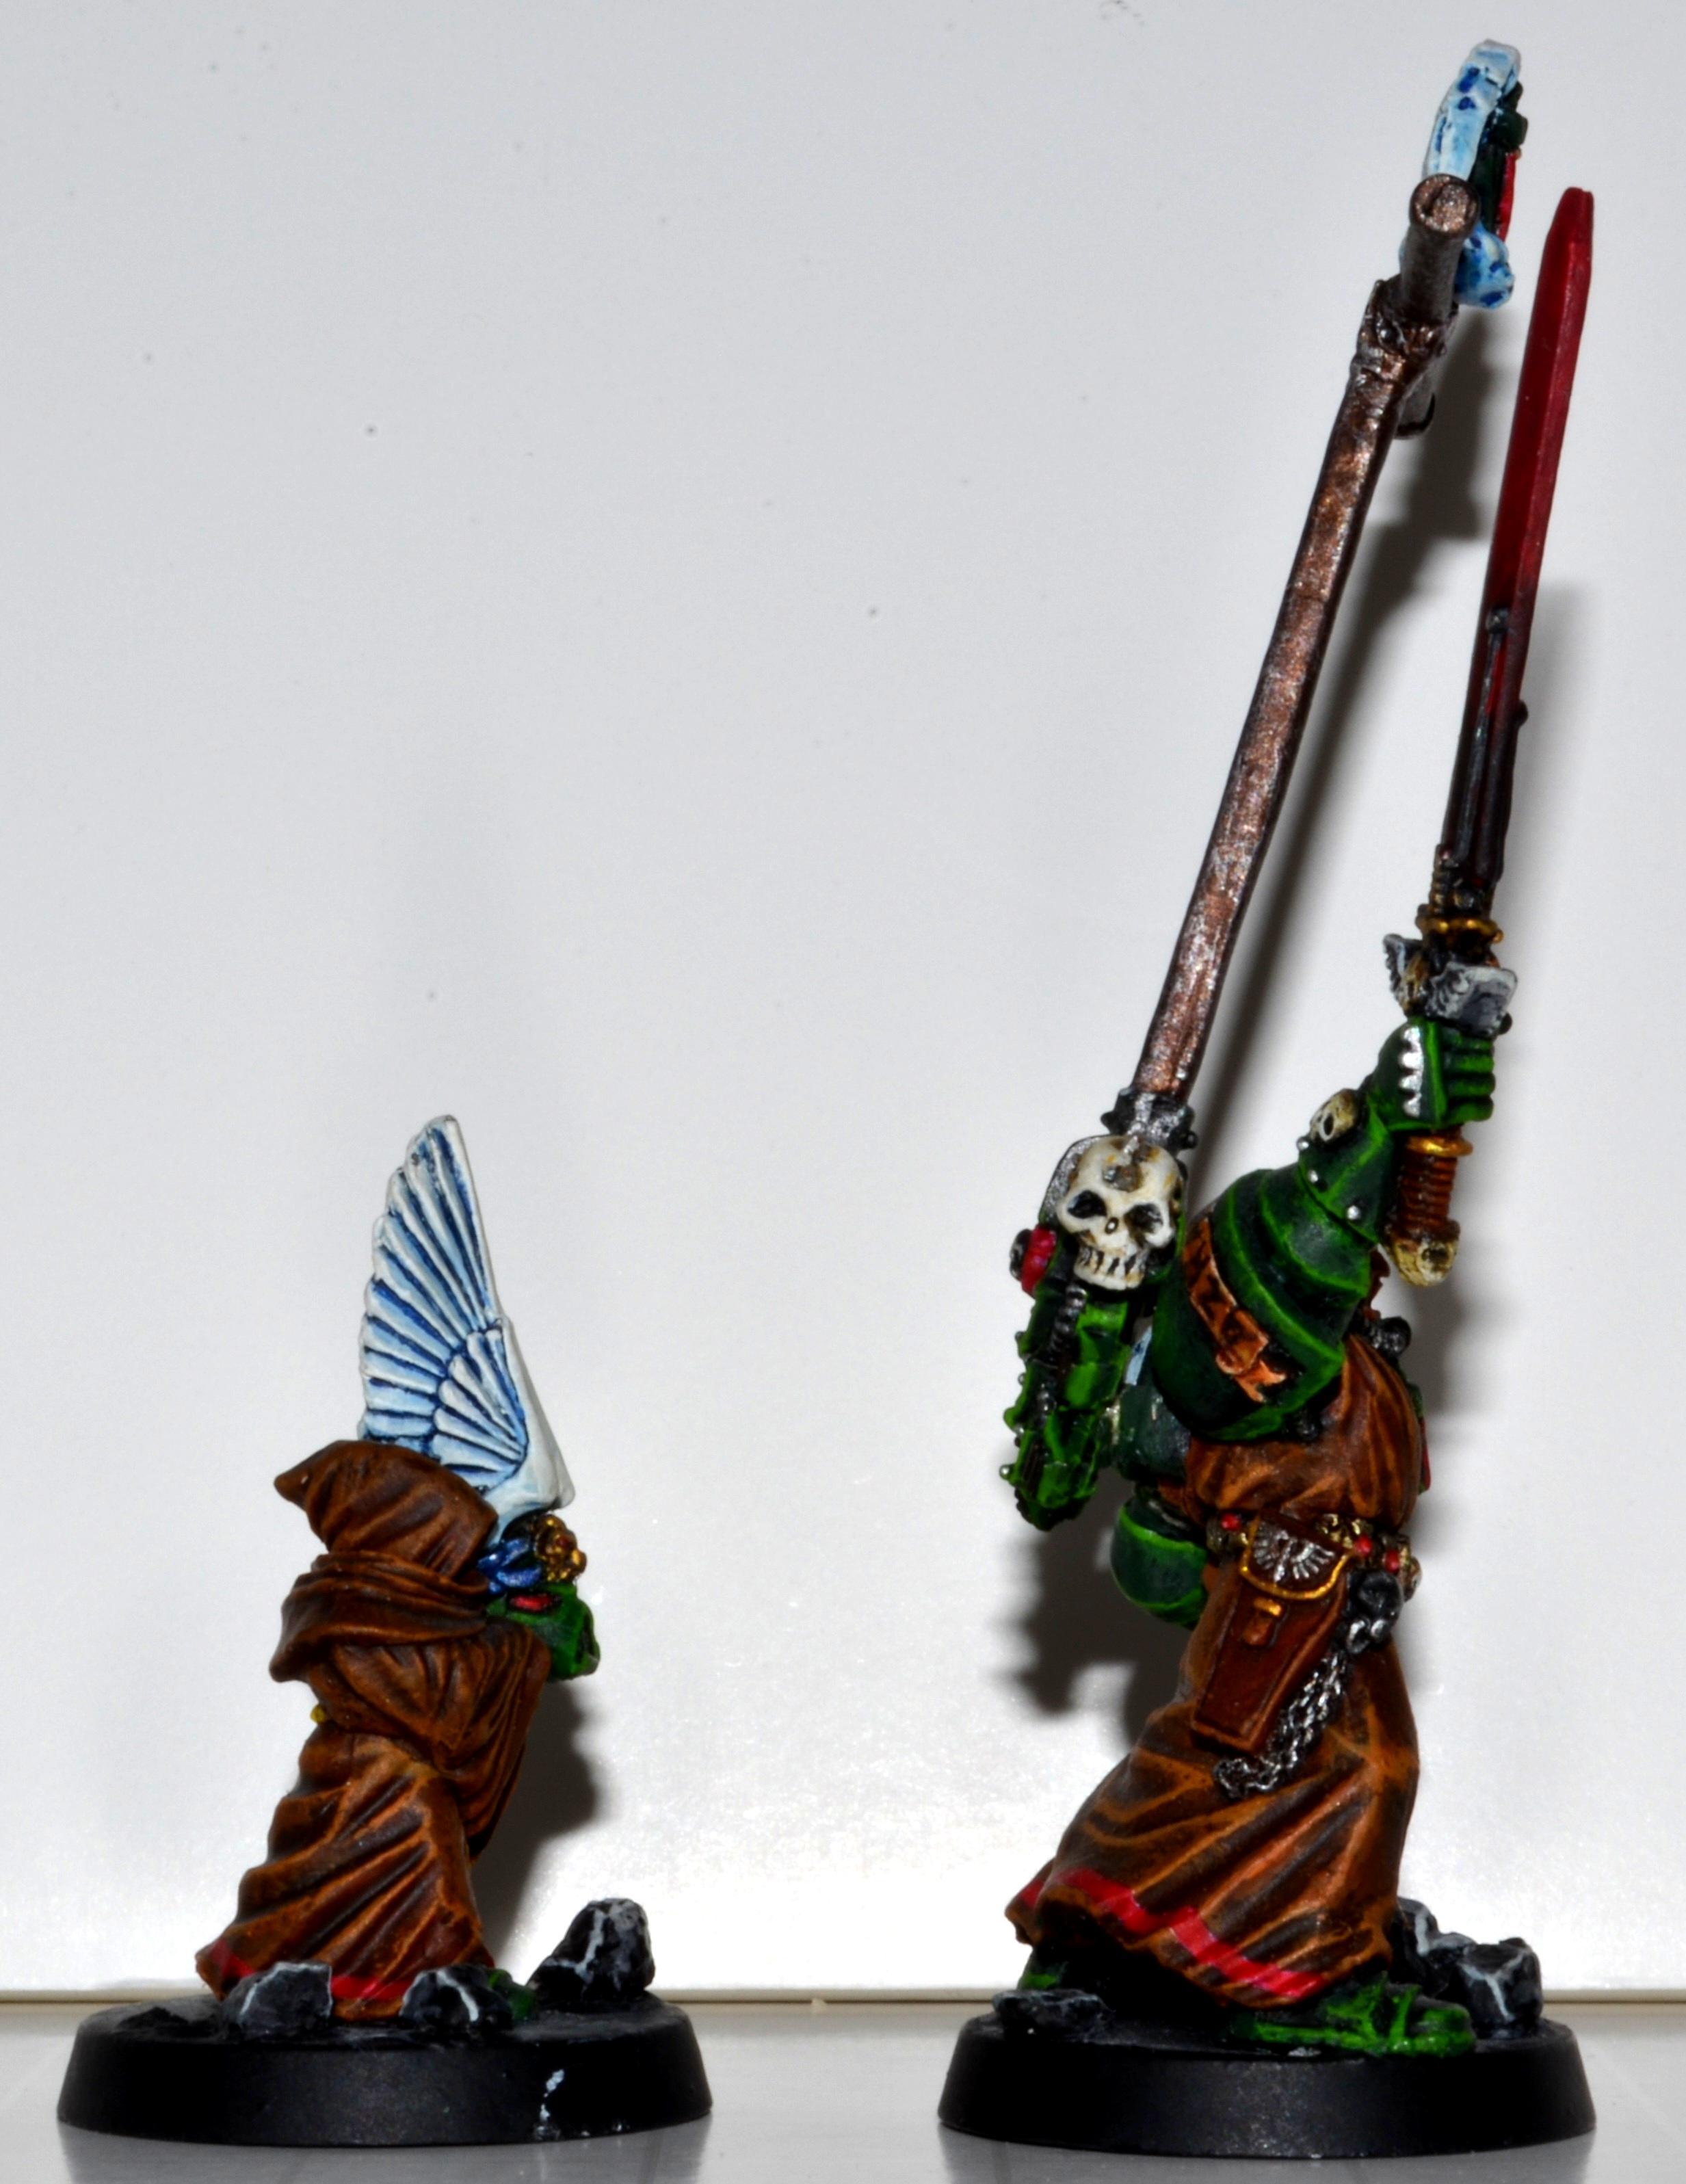 Azrael, Dark Angels, Space Marines, Warhammer 40,000 - Dark